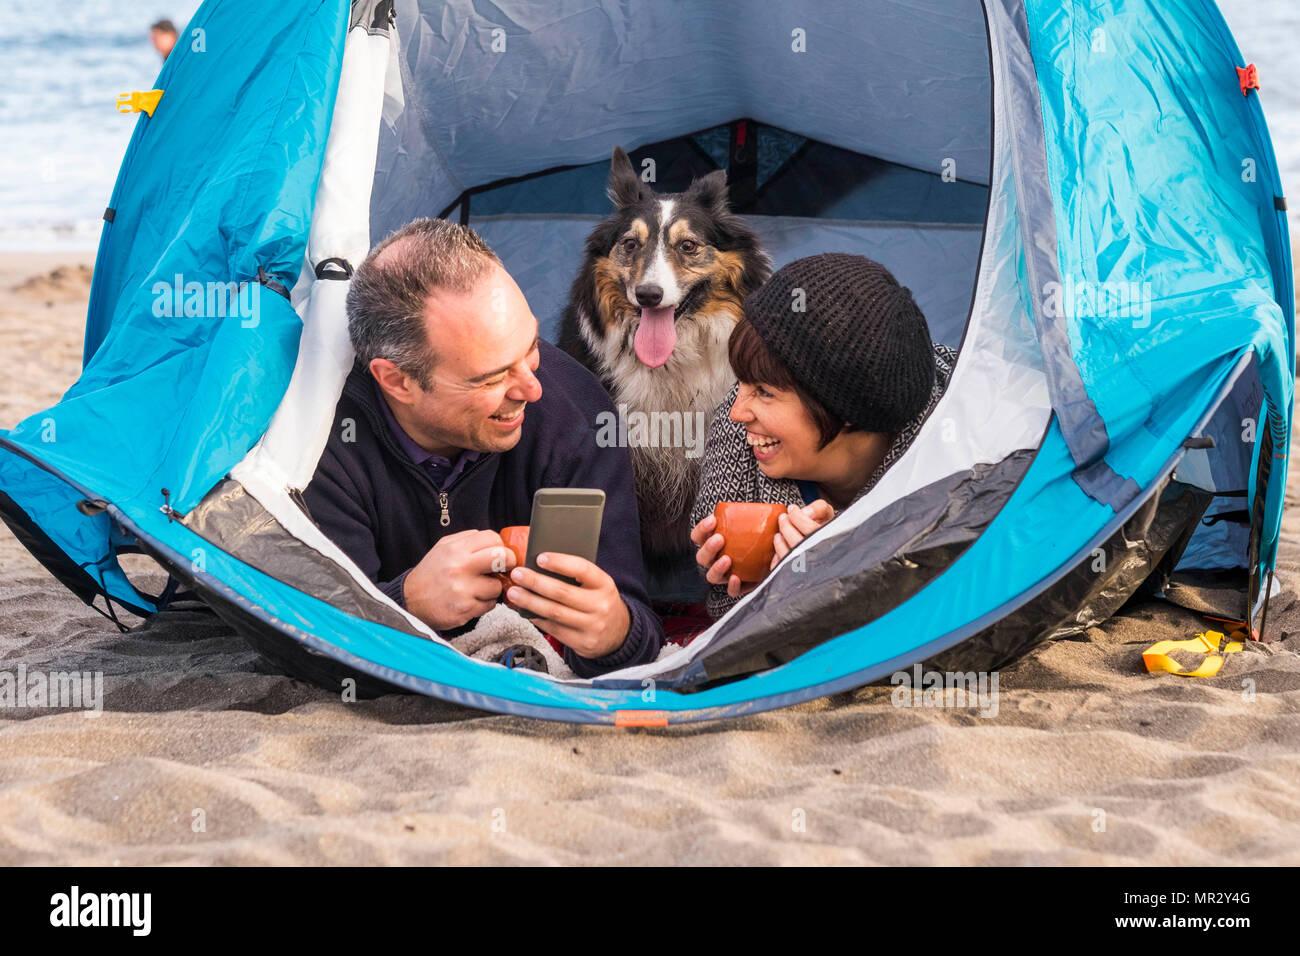 Schön Schön paople mit niedlichen Welpen in einem Zelt mit Mobiltelefon Nachricht senden möchten, oder nehmen Sie ein Bild auf. Der Strand camping Freiheit alternative Ferienhäuser i Stockbild